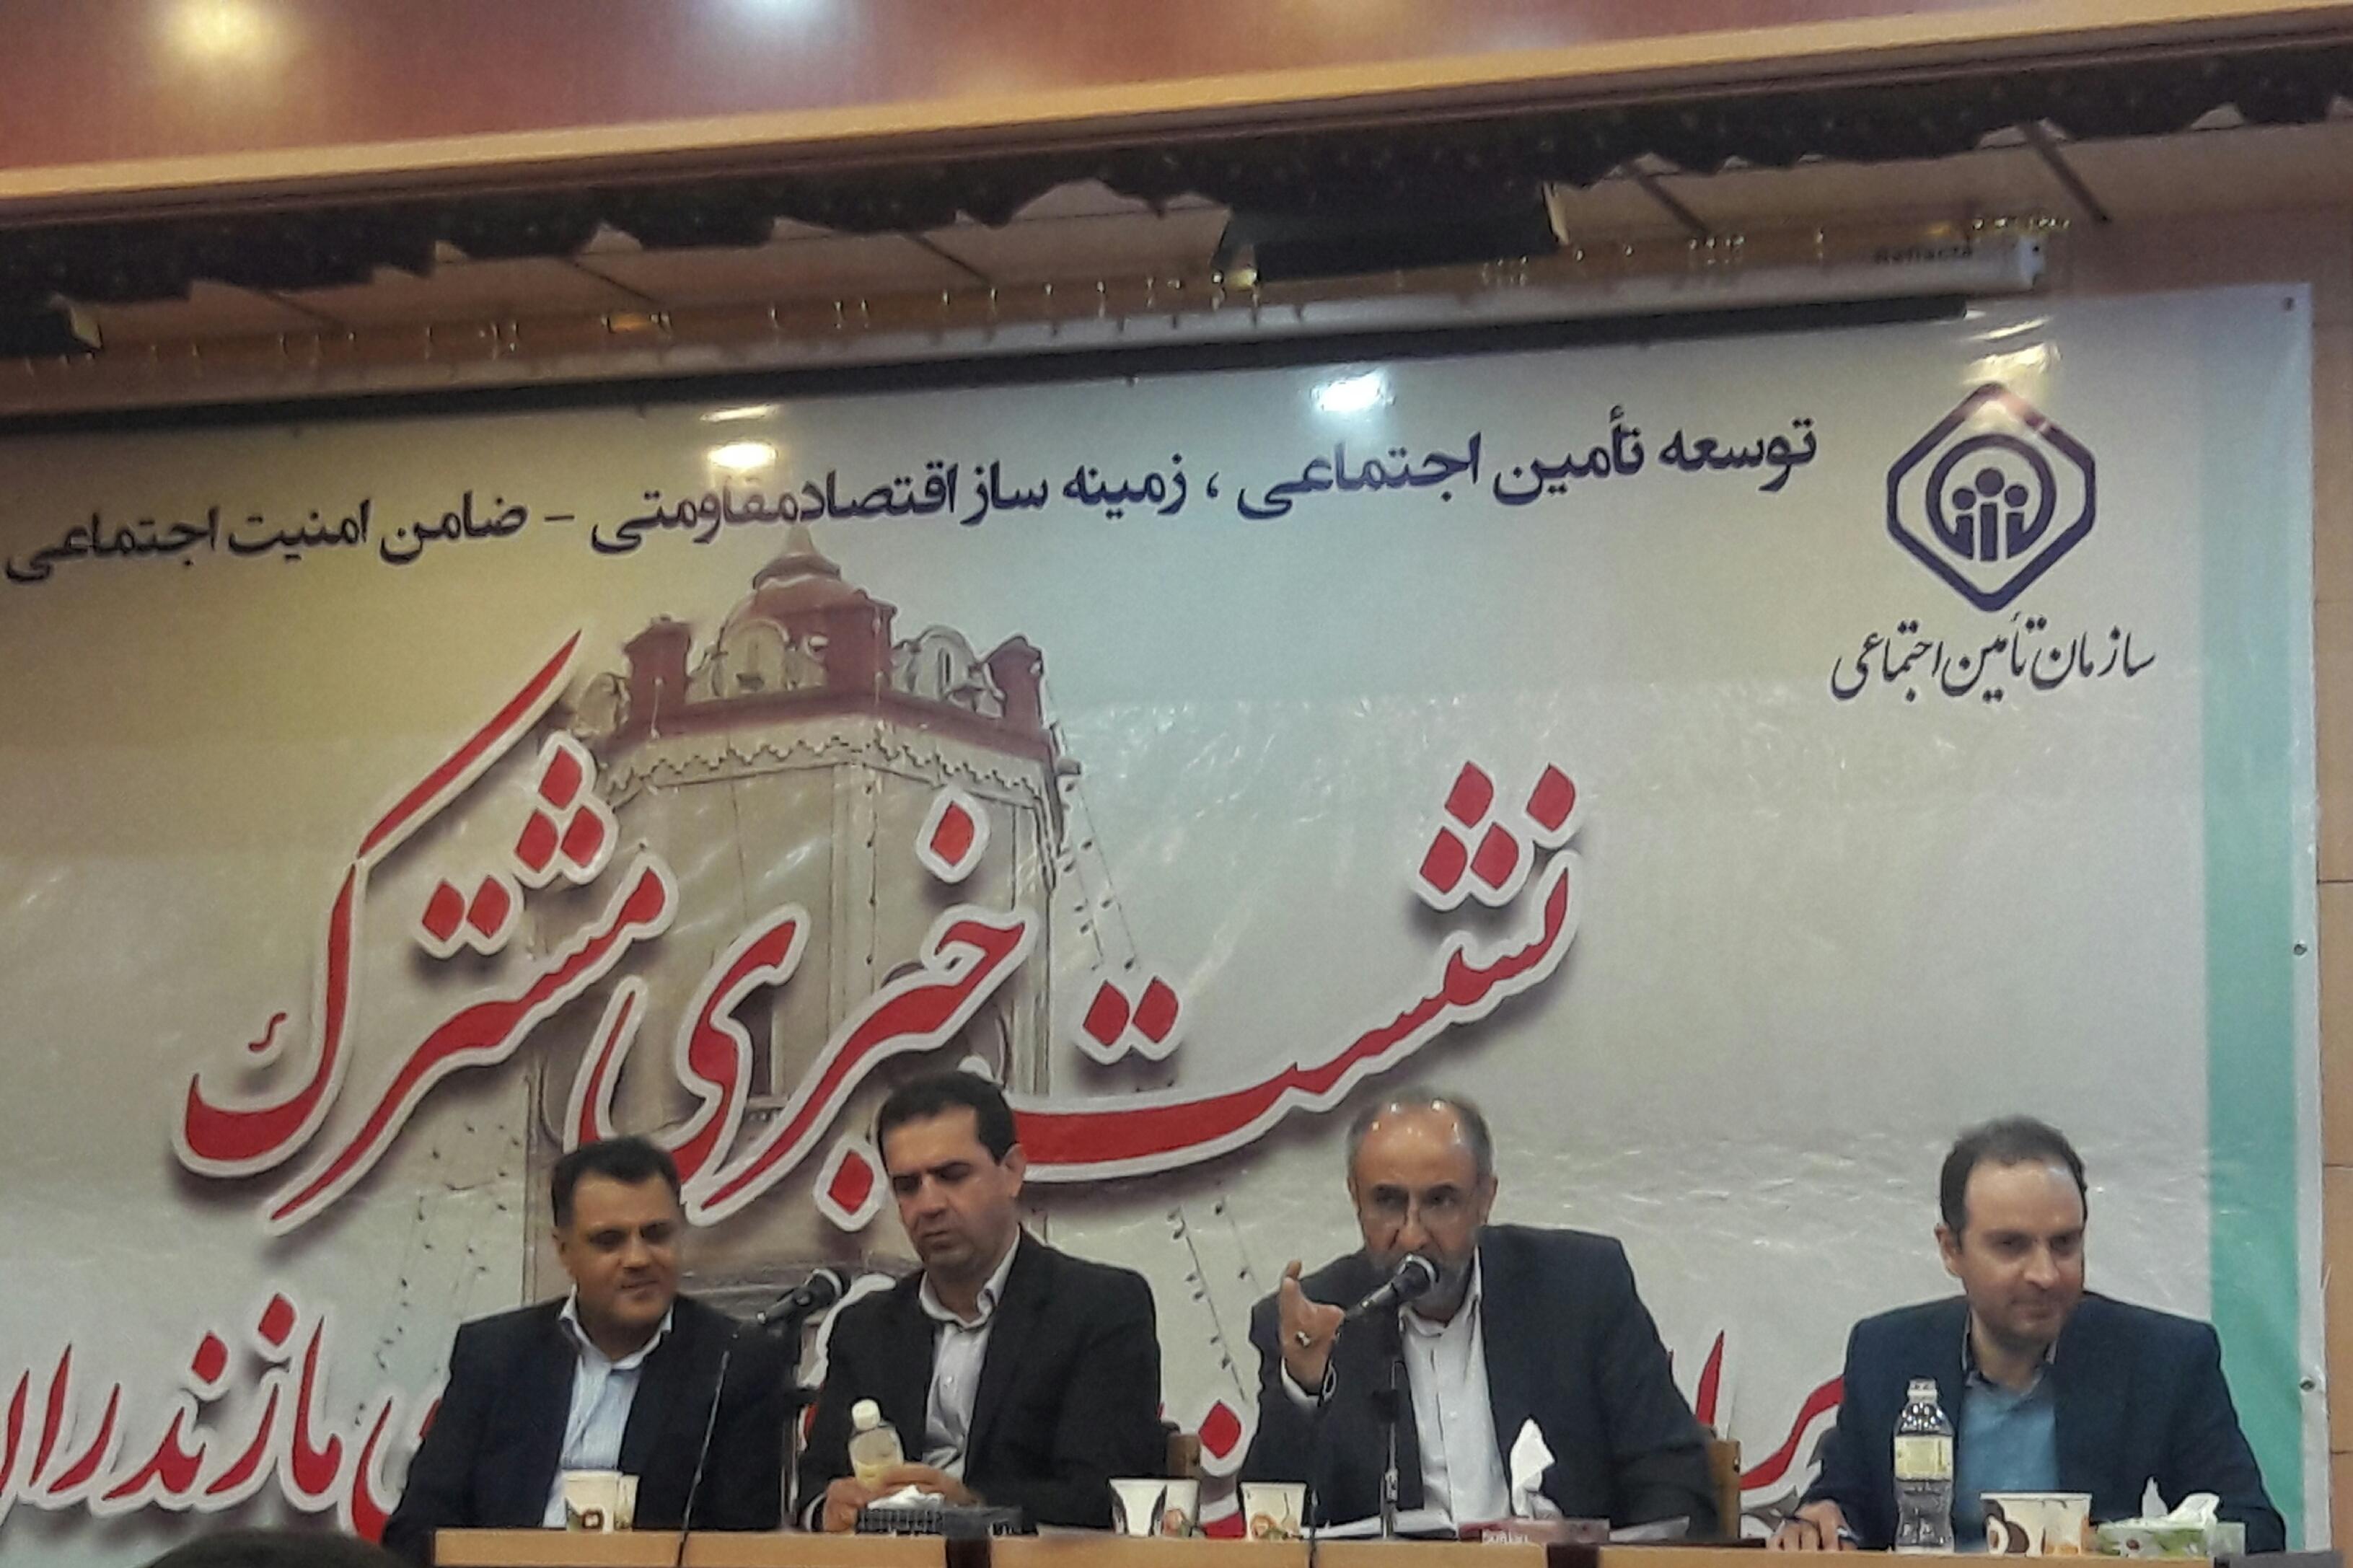 ۵۹ درصد مردم  مازندران تحت پوشش سازمان تامین اجتماعی